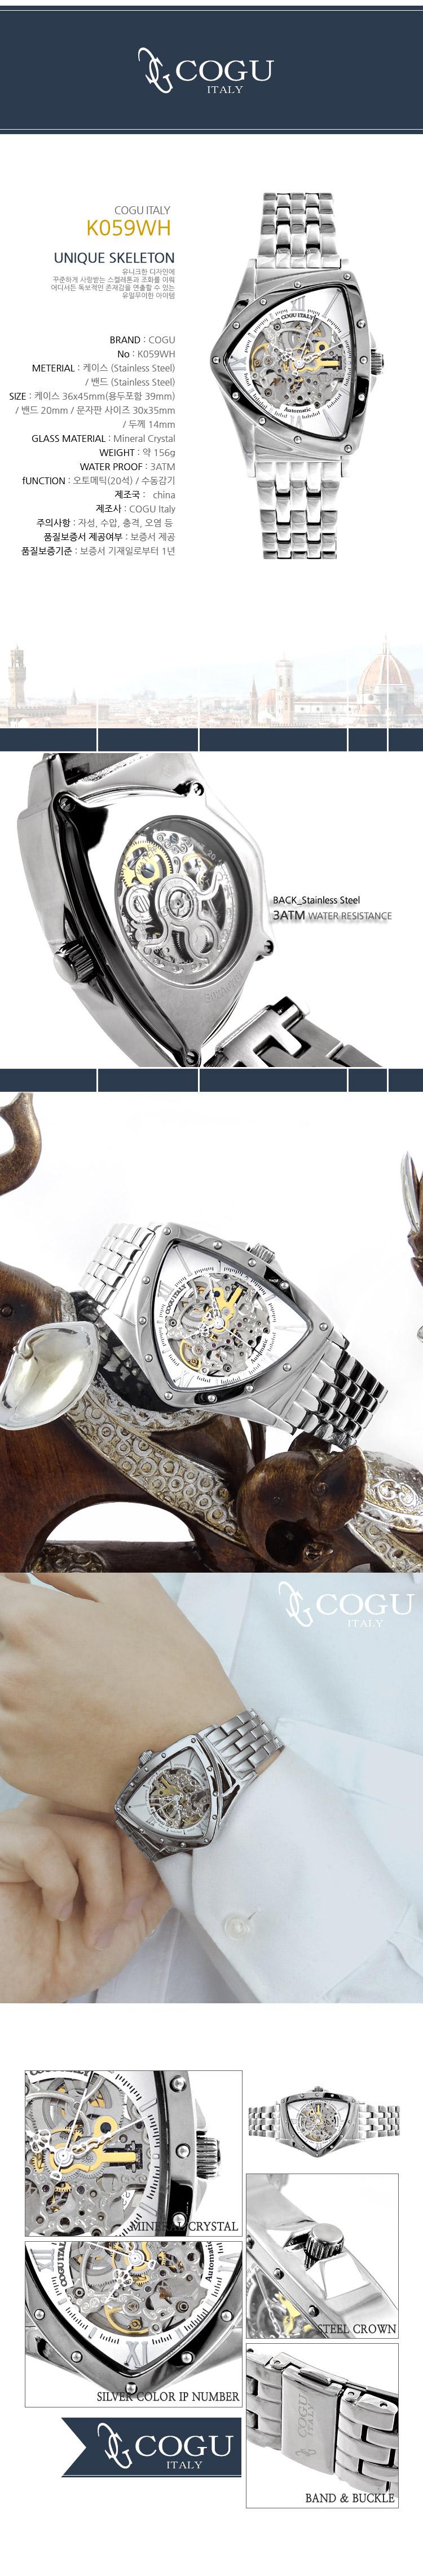 코구(COGU) K059WH 남성 오토매틱 메탈 손목시계